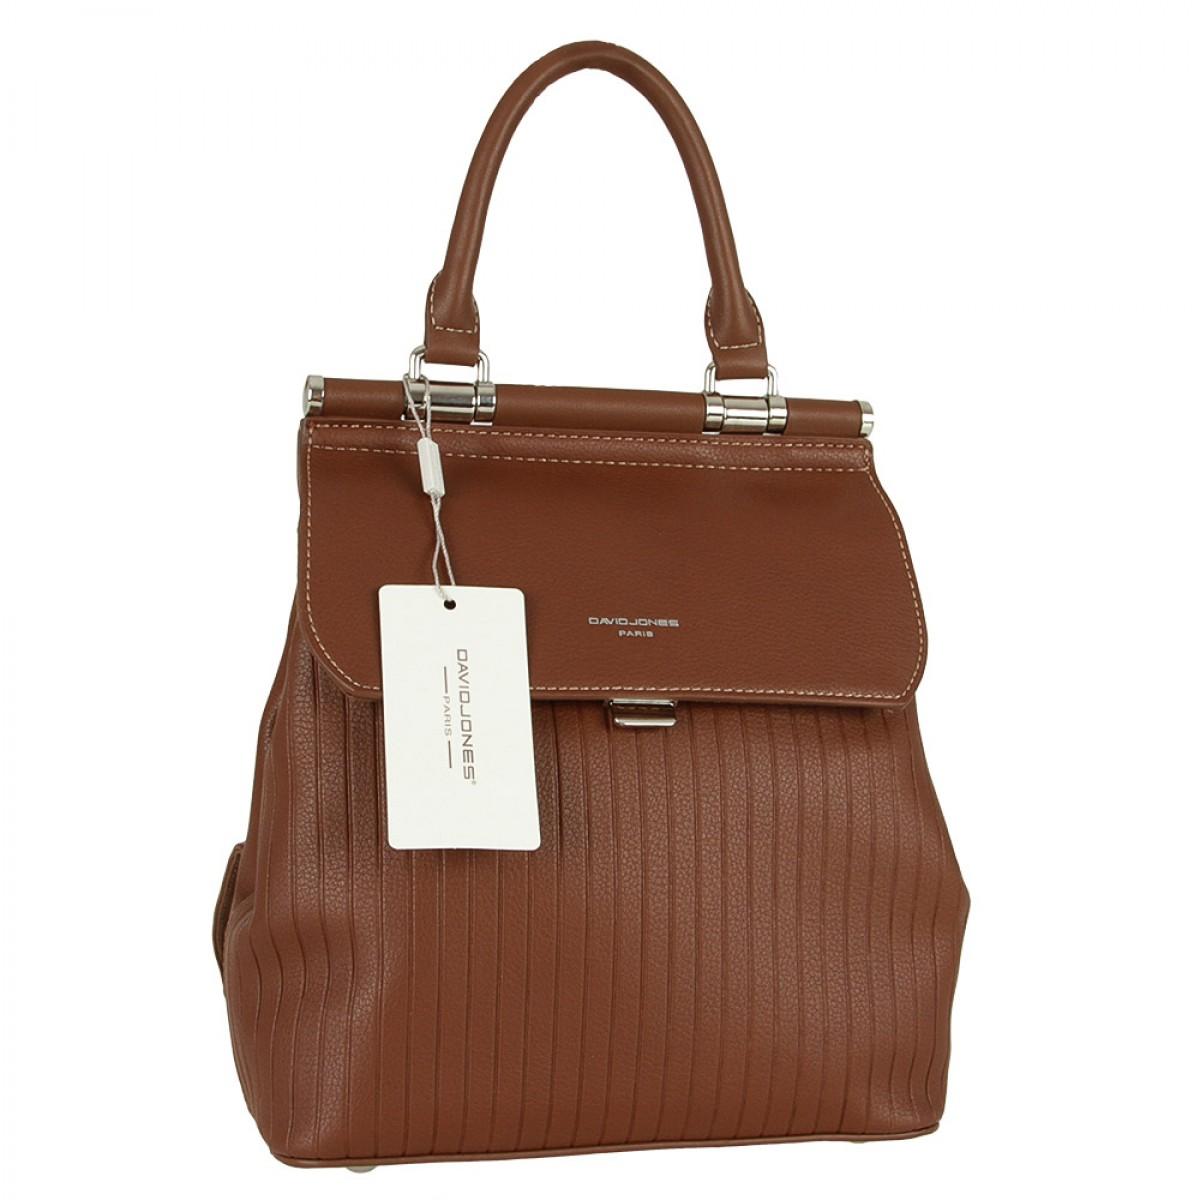 Жіночий рюкзак David Jones 6131-2 BROWN